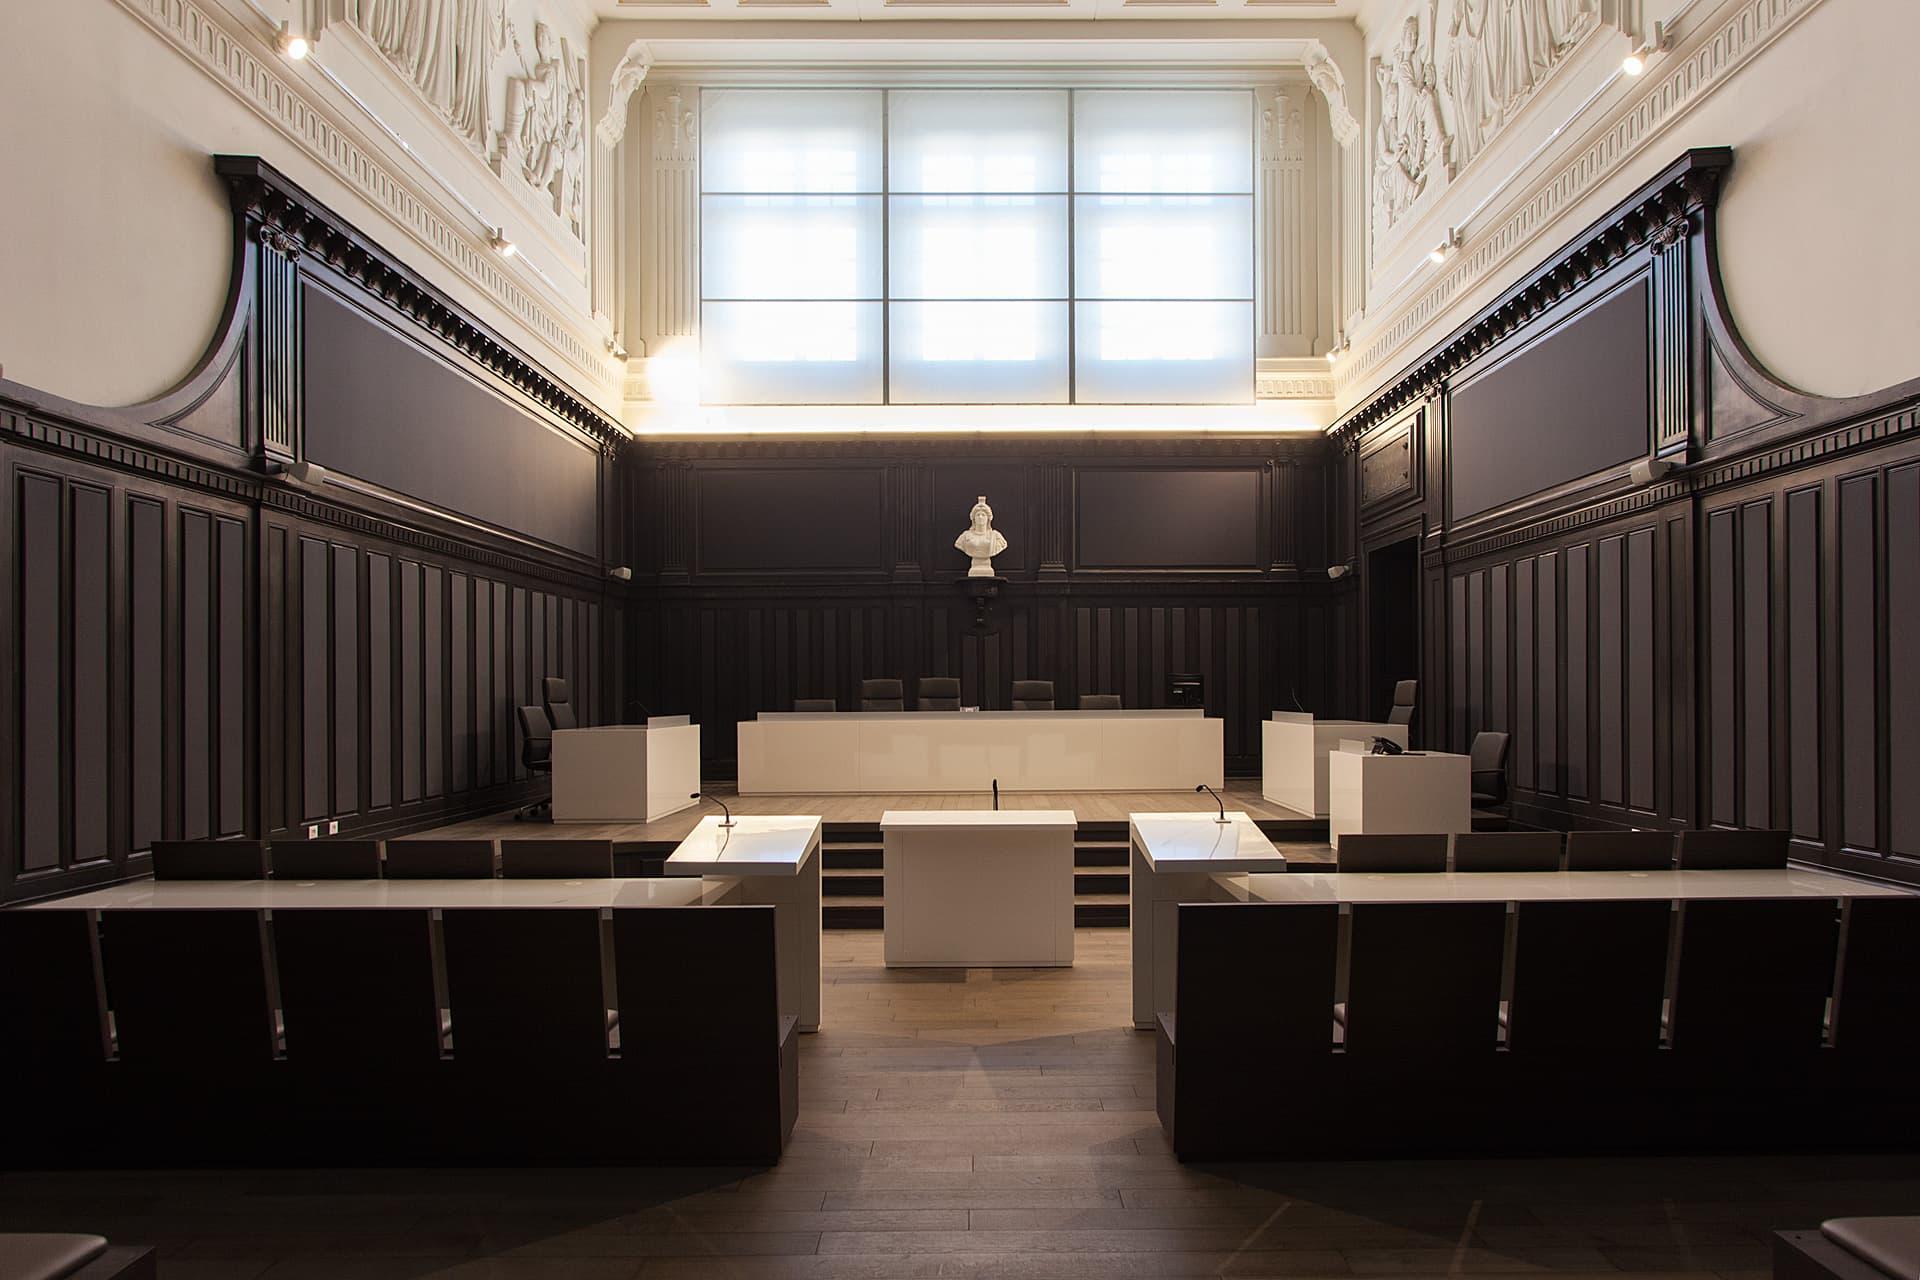 Eclairage d'une salle du Palais de Justice Monthyon Marseille